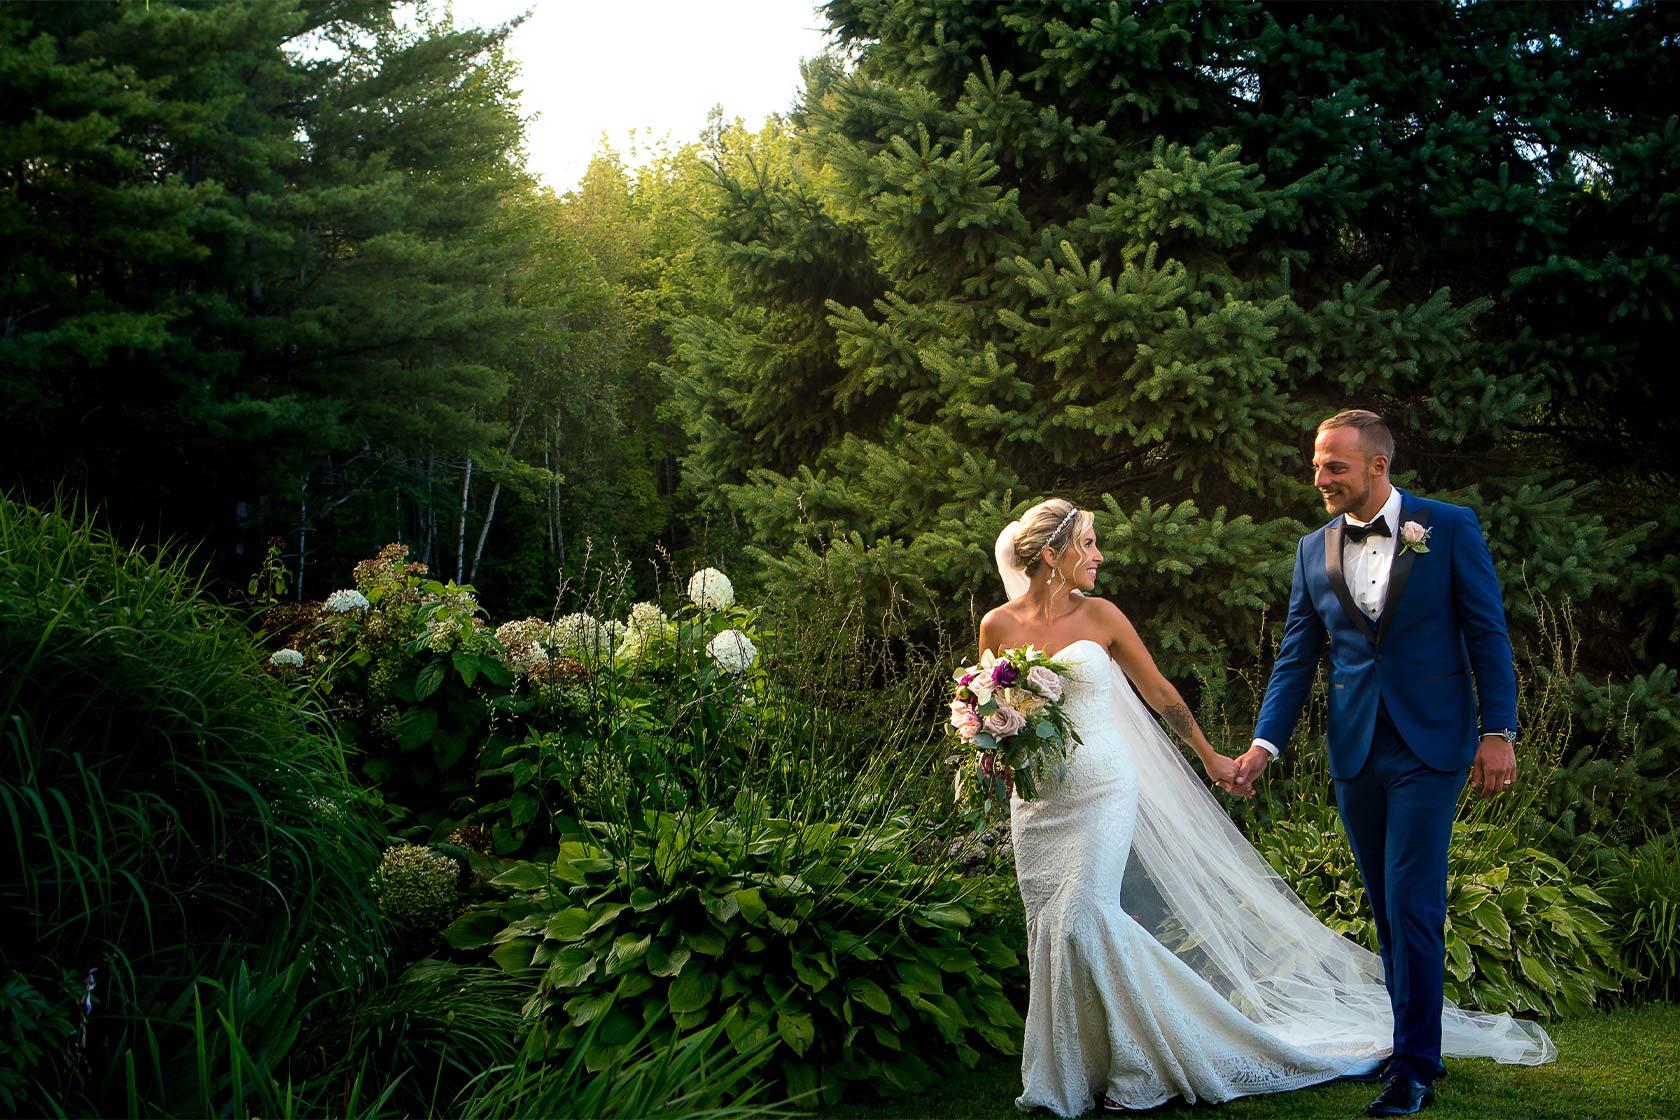 Danylo-Bobyk-Wedding-Photography-Stacey-Kenneth-07